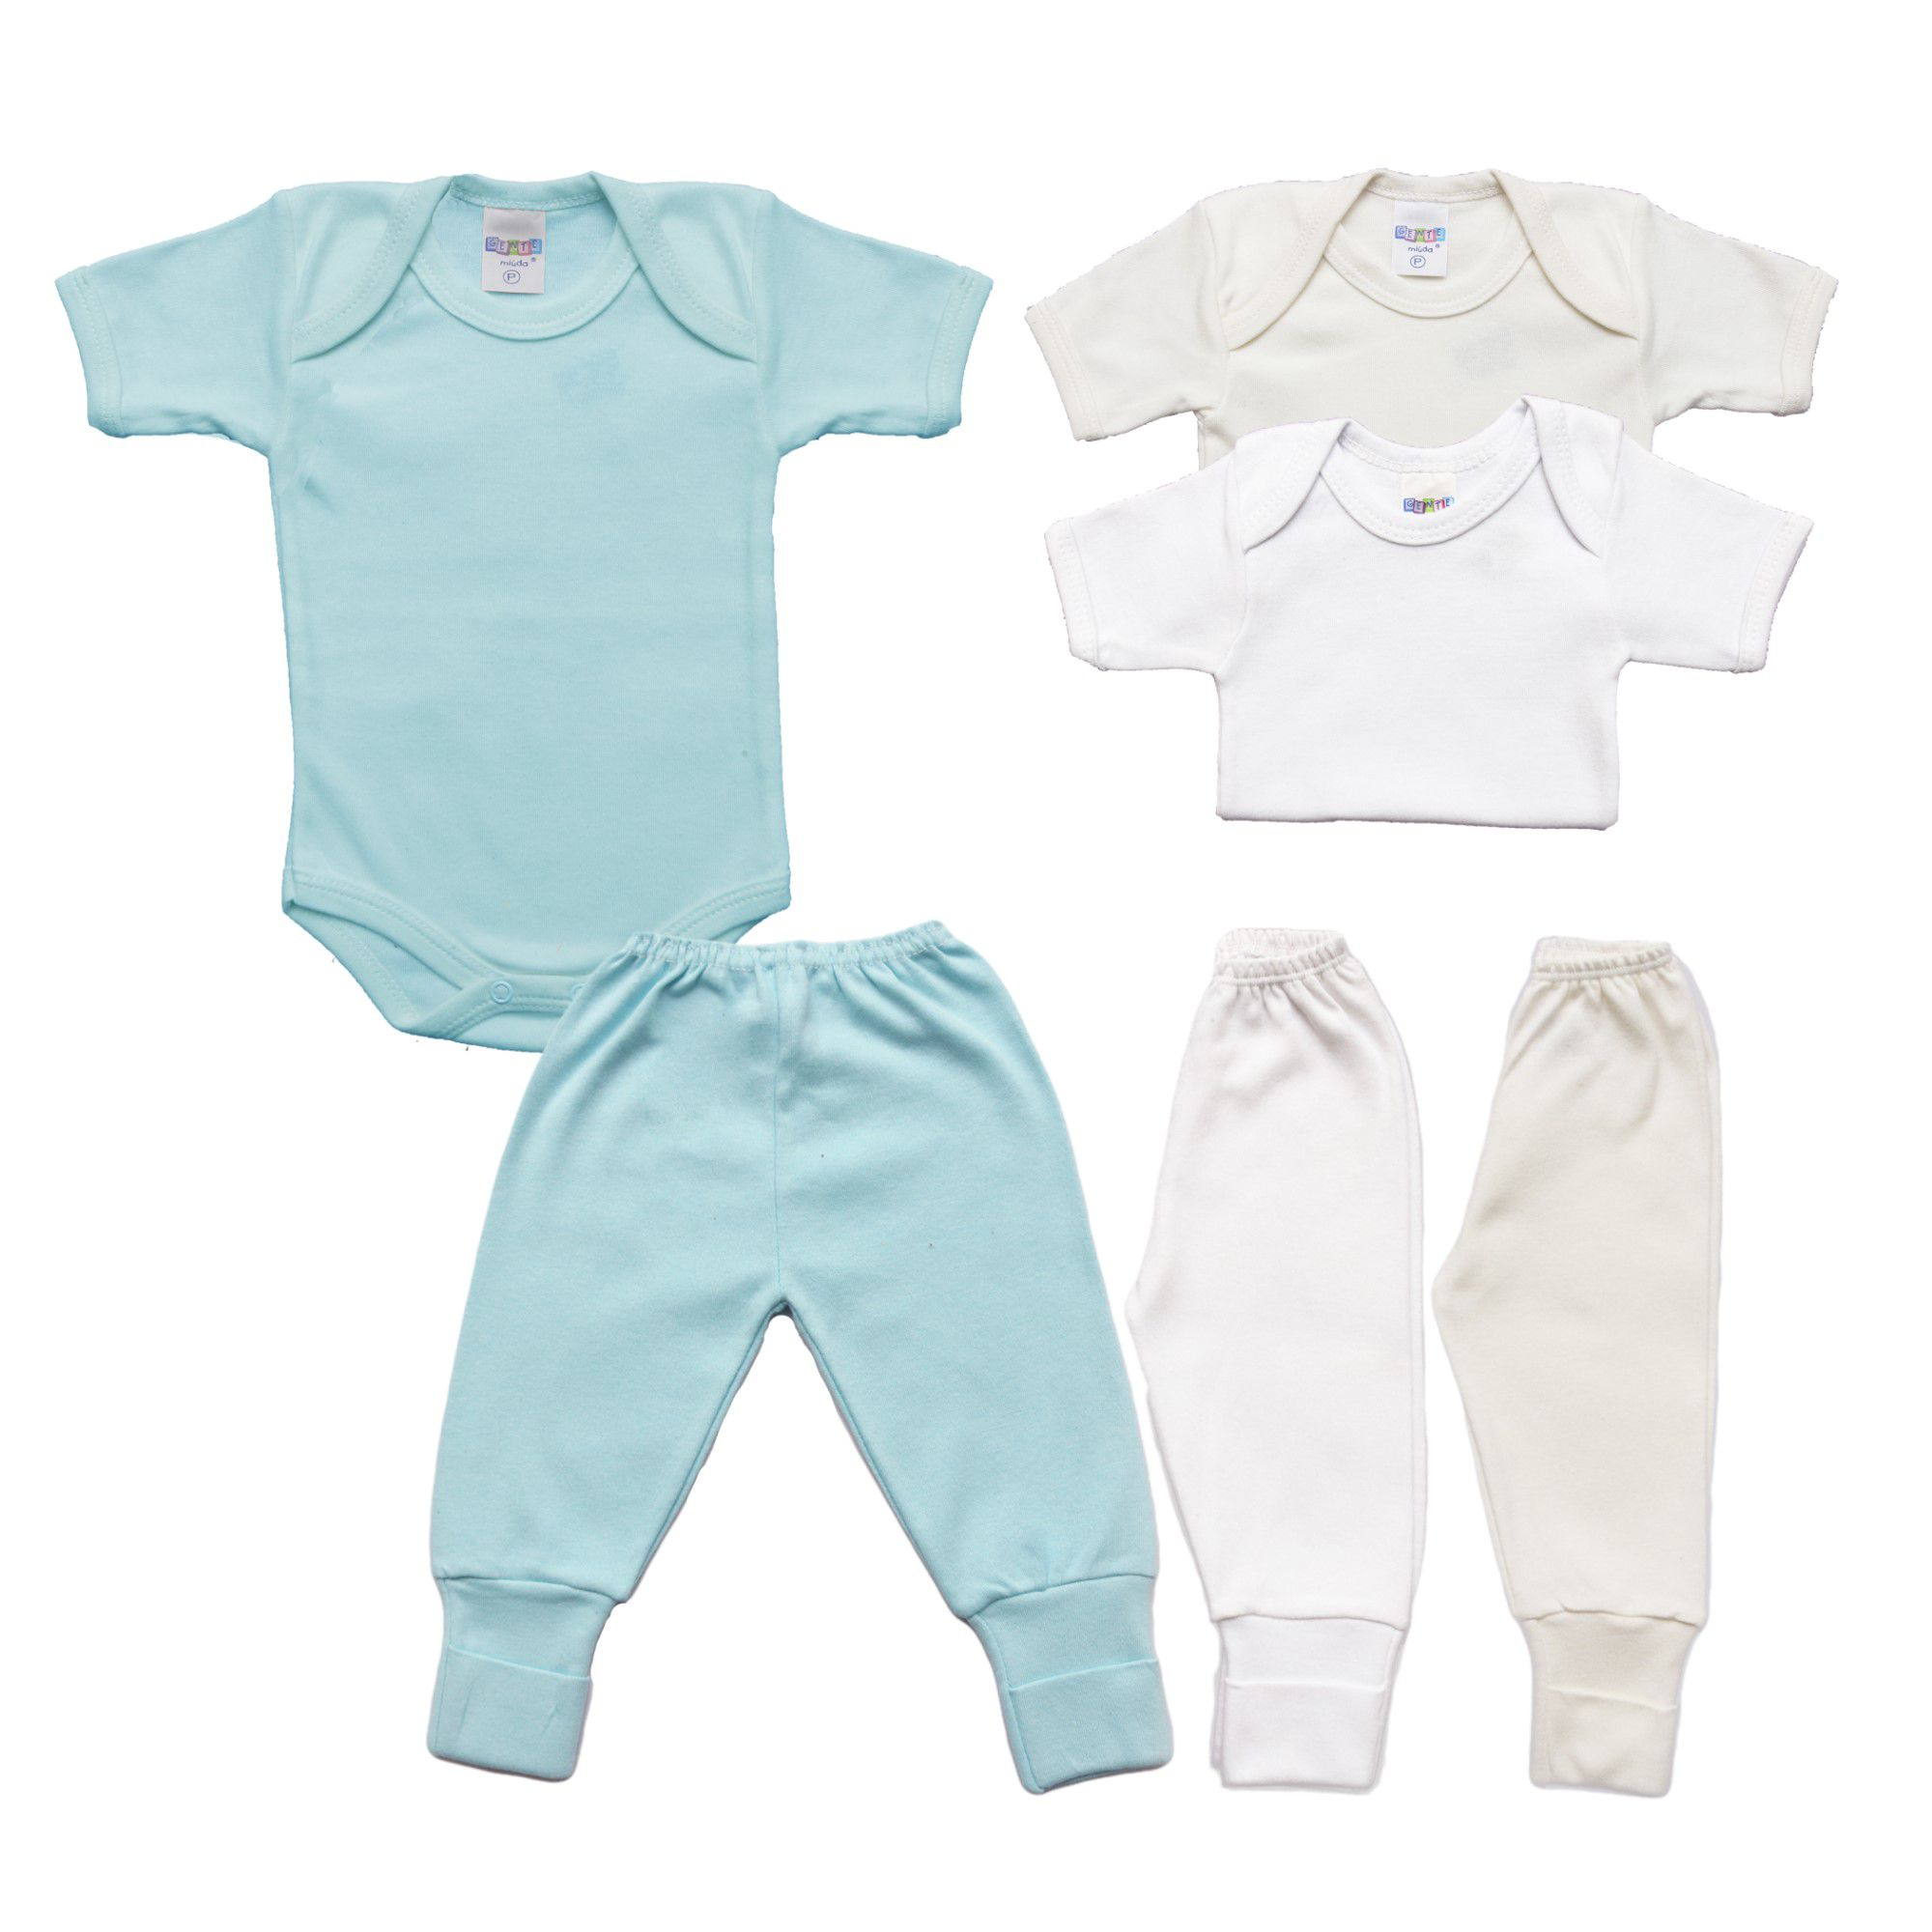 Kit Body e Calça Bebê com 6 Peças Menino Básicos